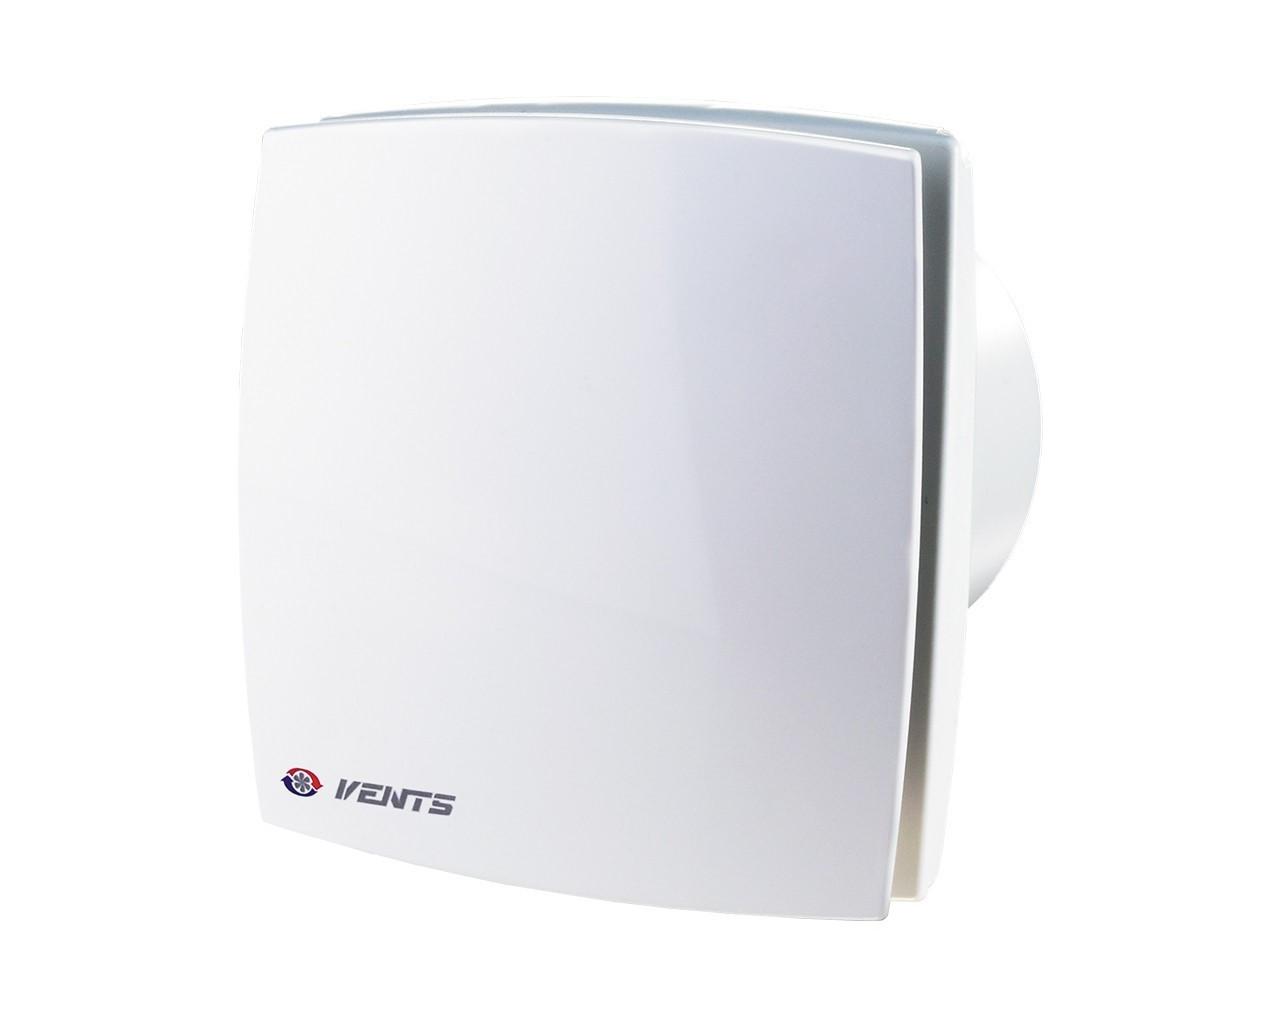 Вентс 125 ЛДТ вентилятор вытяжной